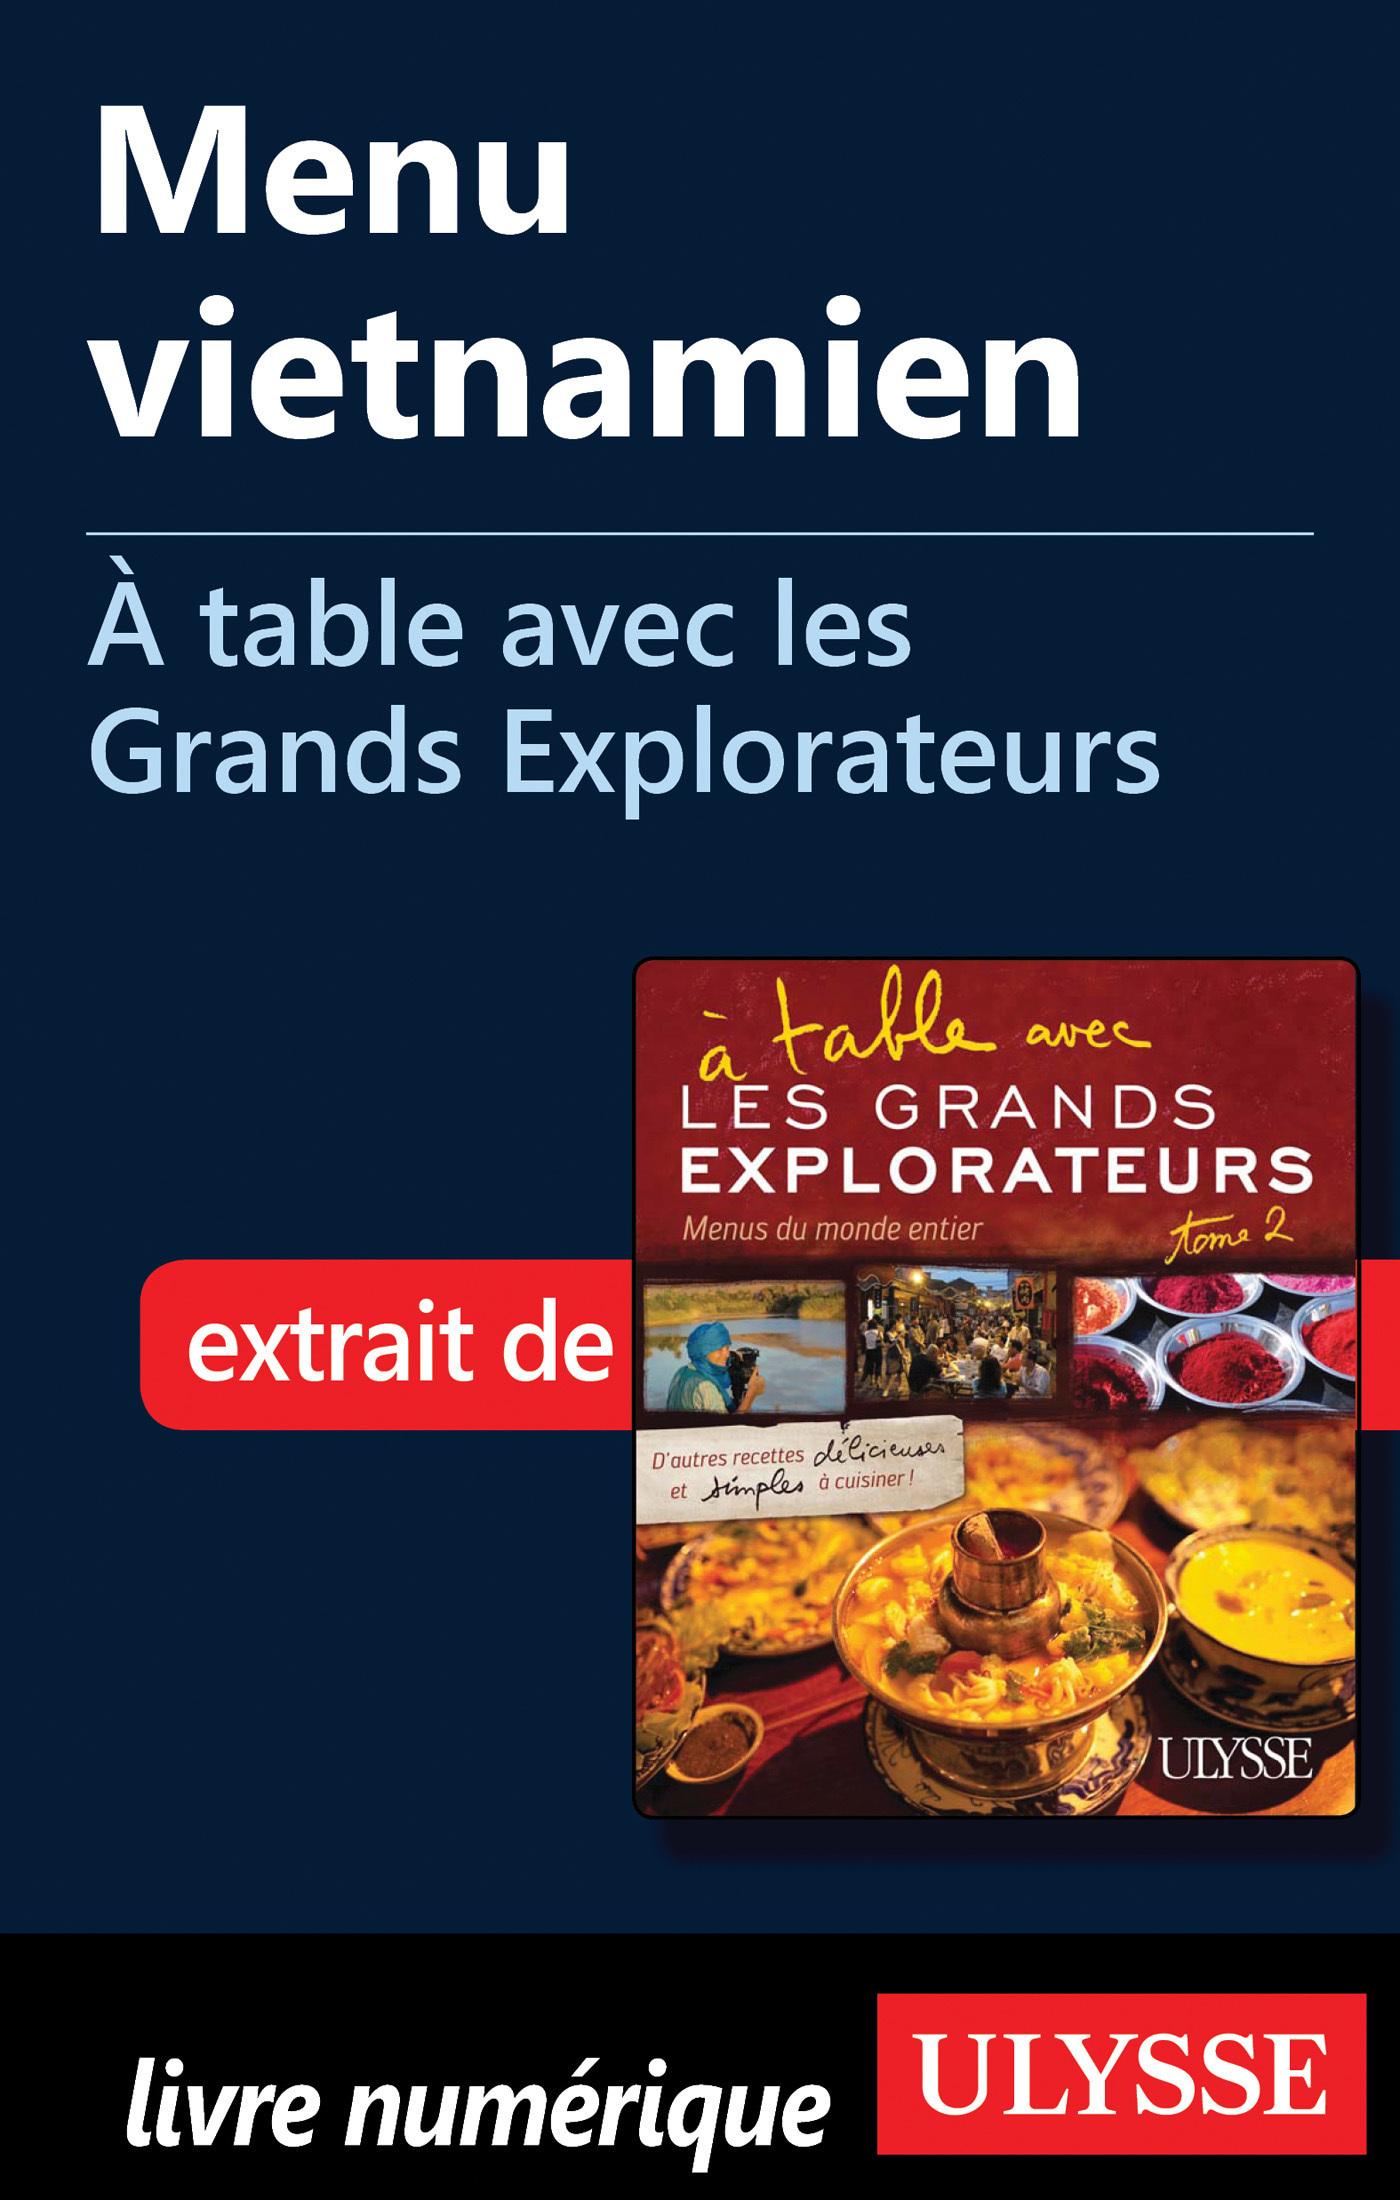 Menu vietnamien - A table avec les Grands Explorateurs